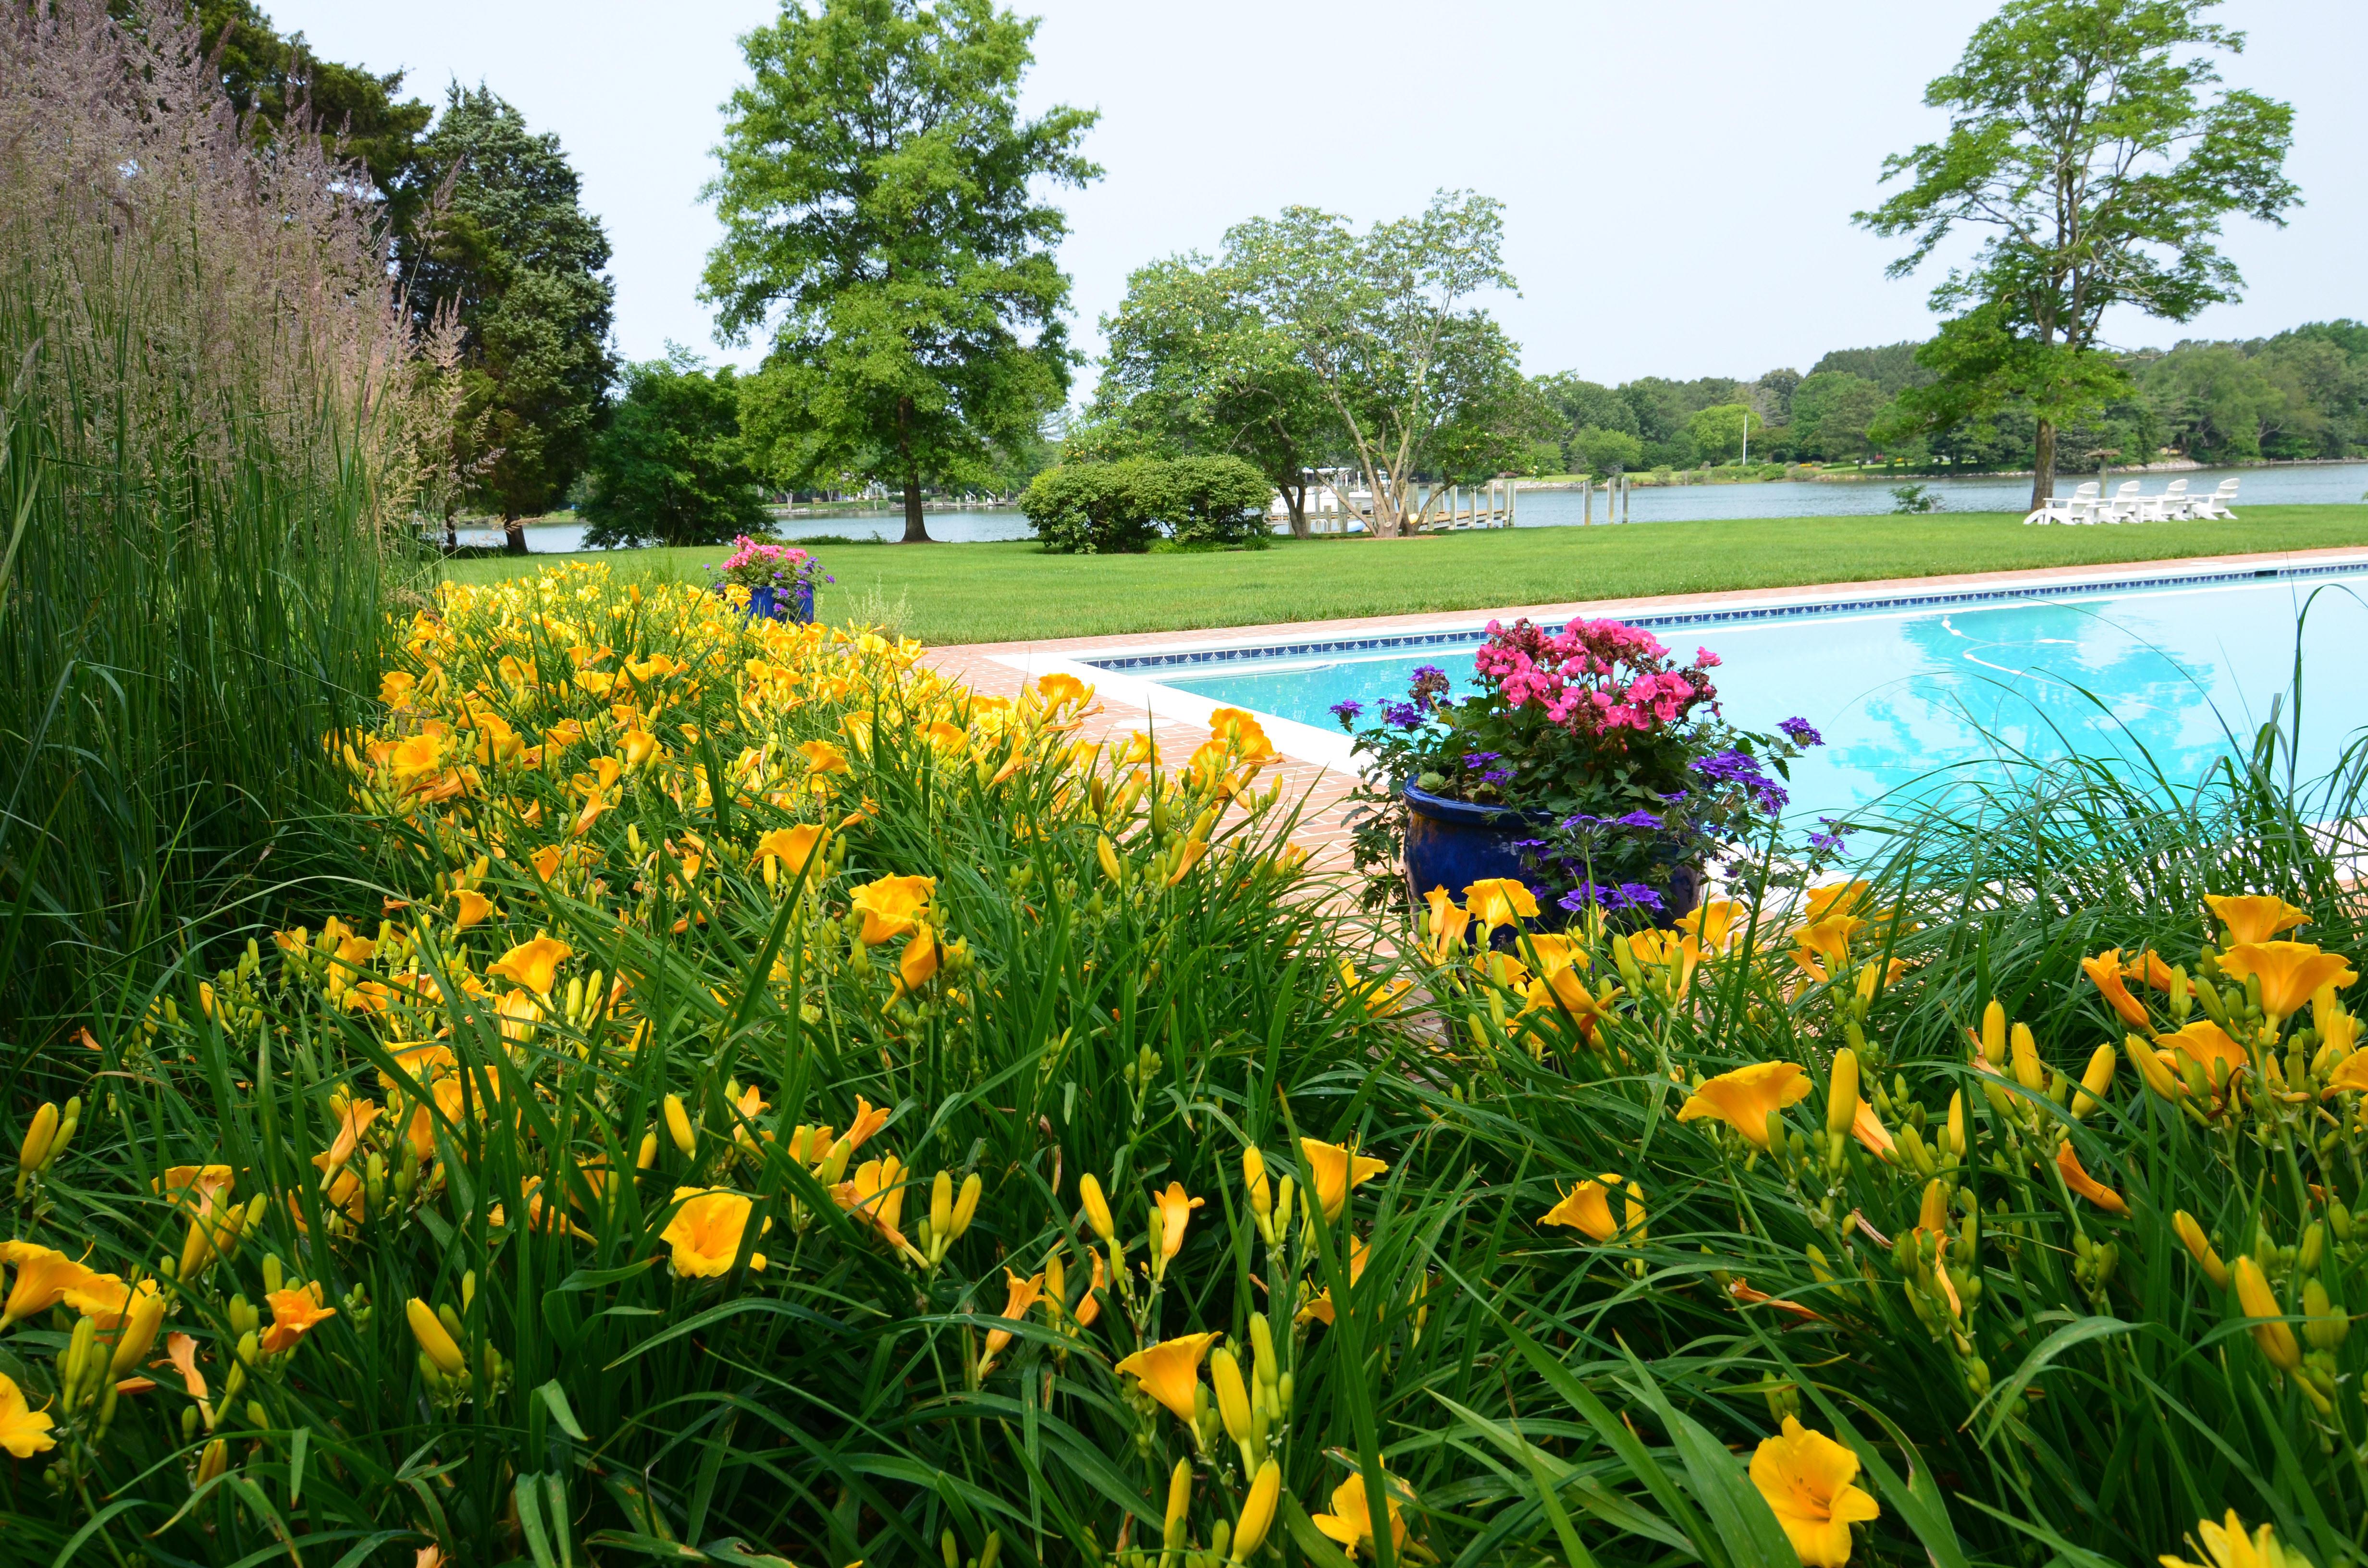 Residential Maintenance - Landscape Contractors Association MD, DC, VA